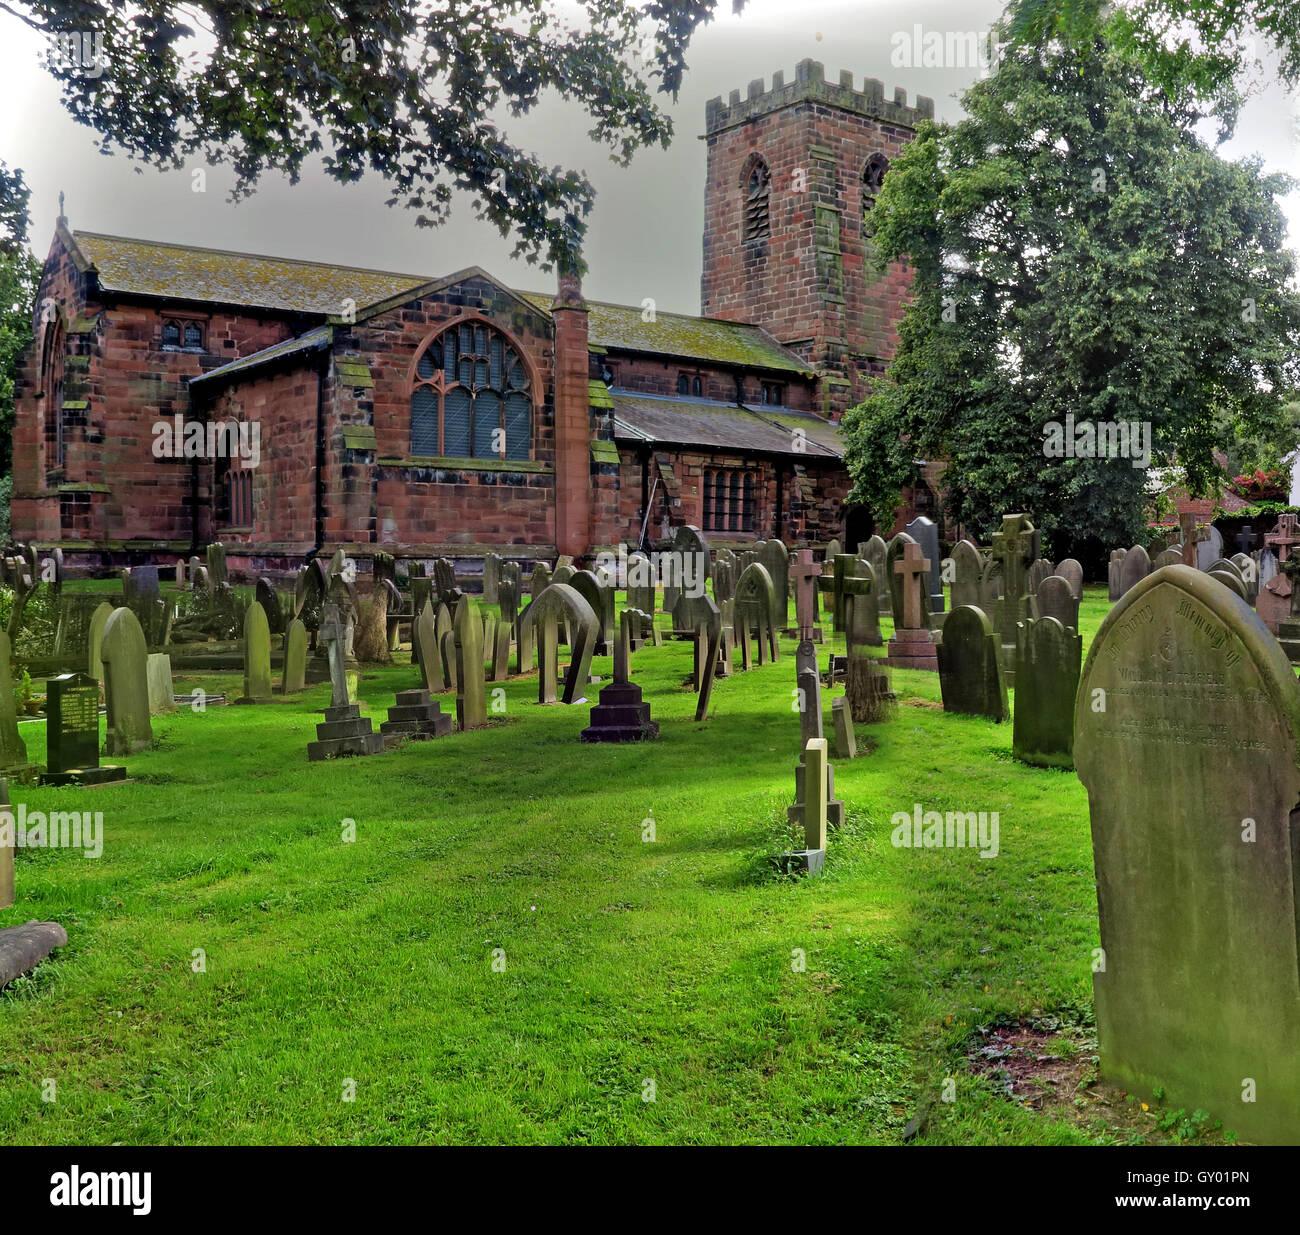 Laden Sie dieses Alamy Stockfoto Außenseite des St Wilfrids Kirche, Grappenhall, Warrington, Cheshire England UK - GY01PN